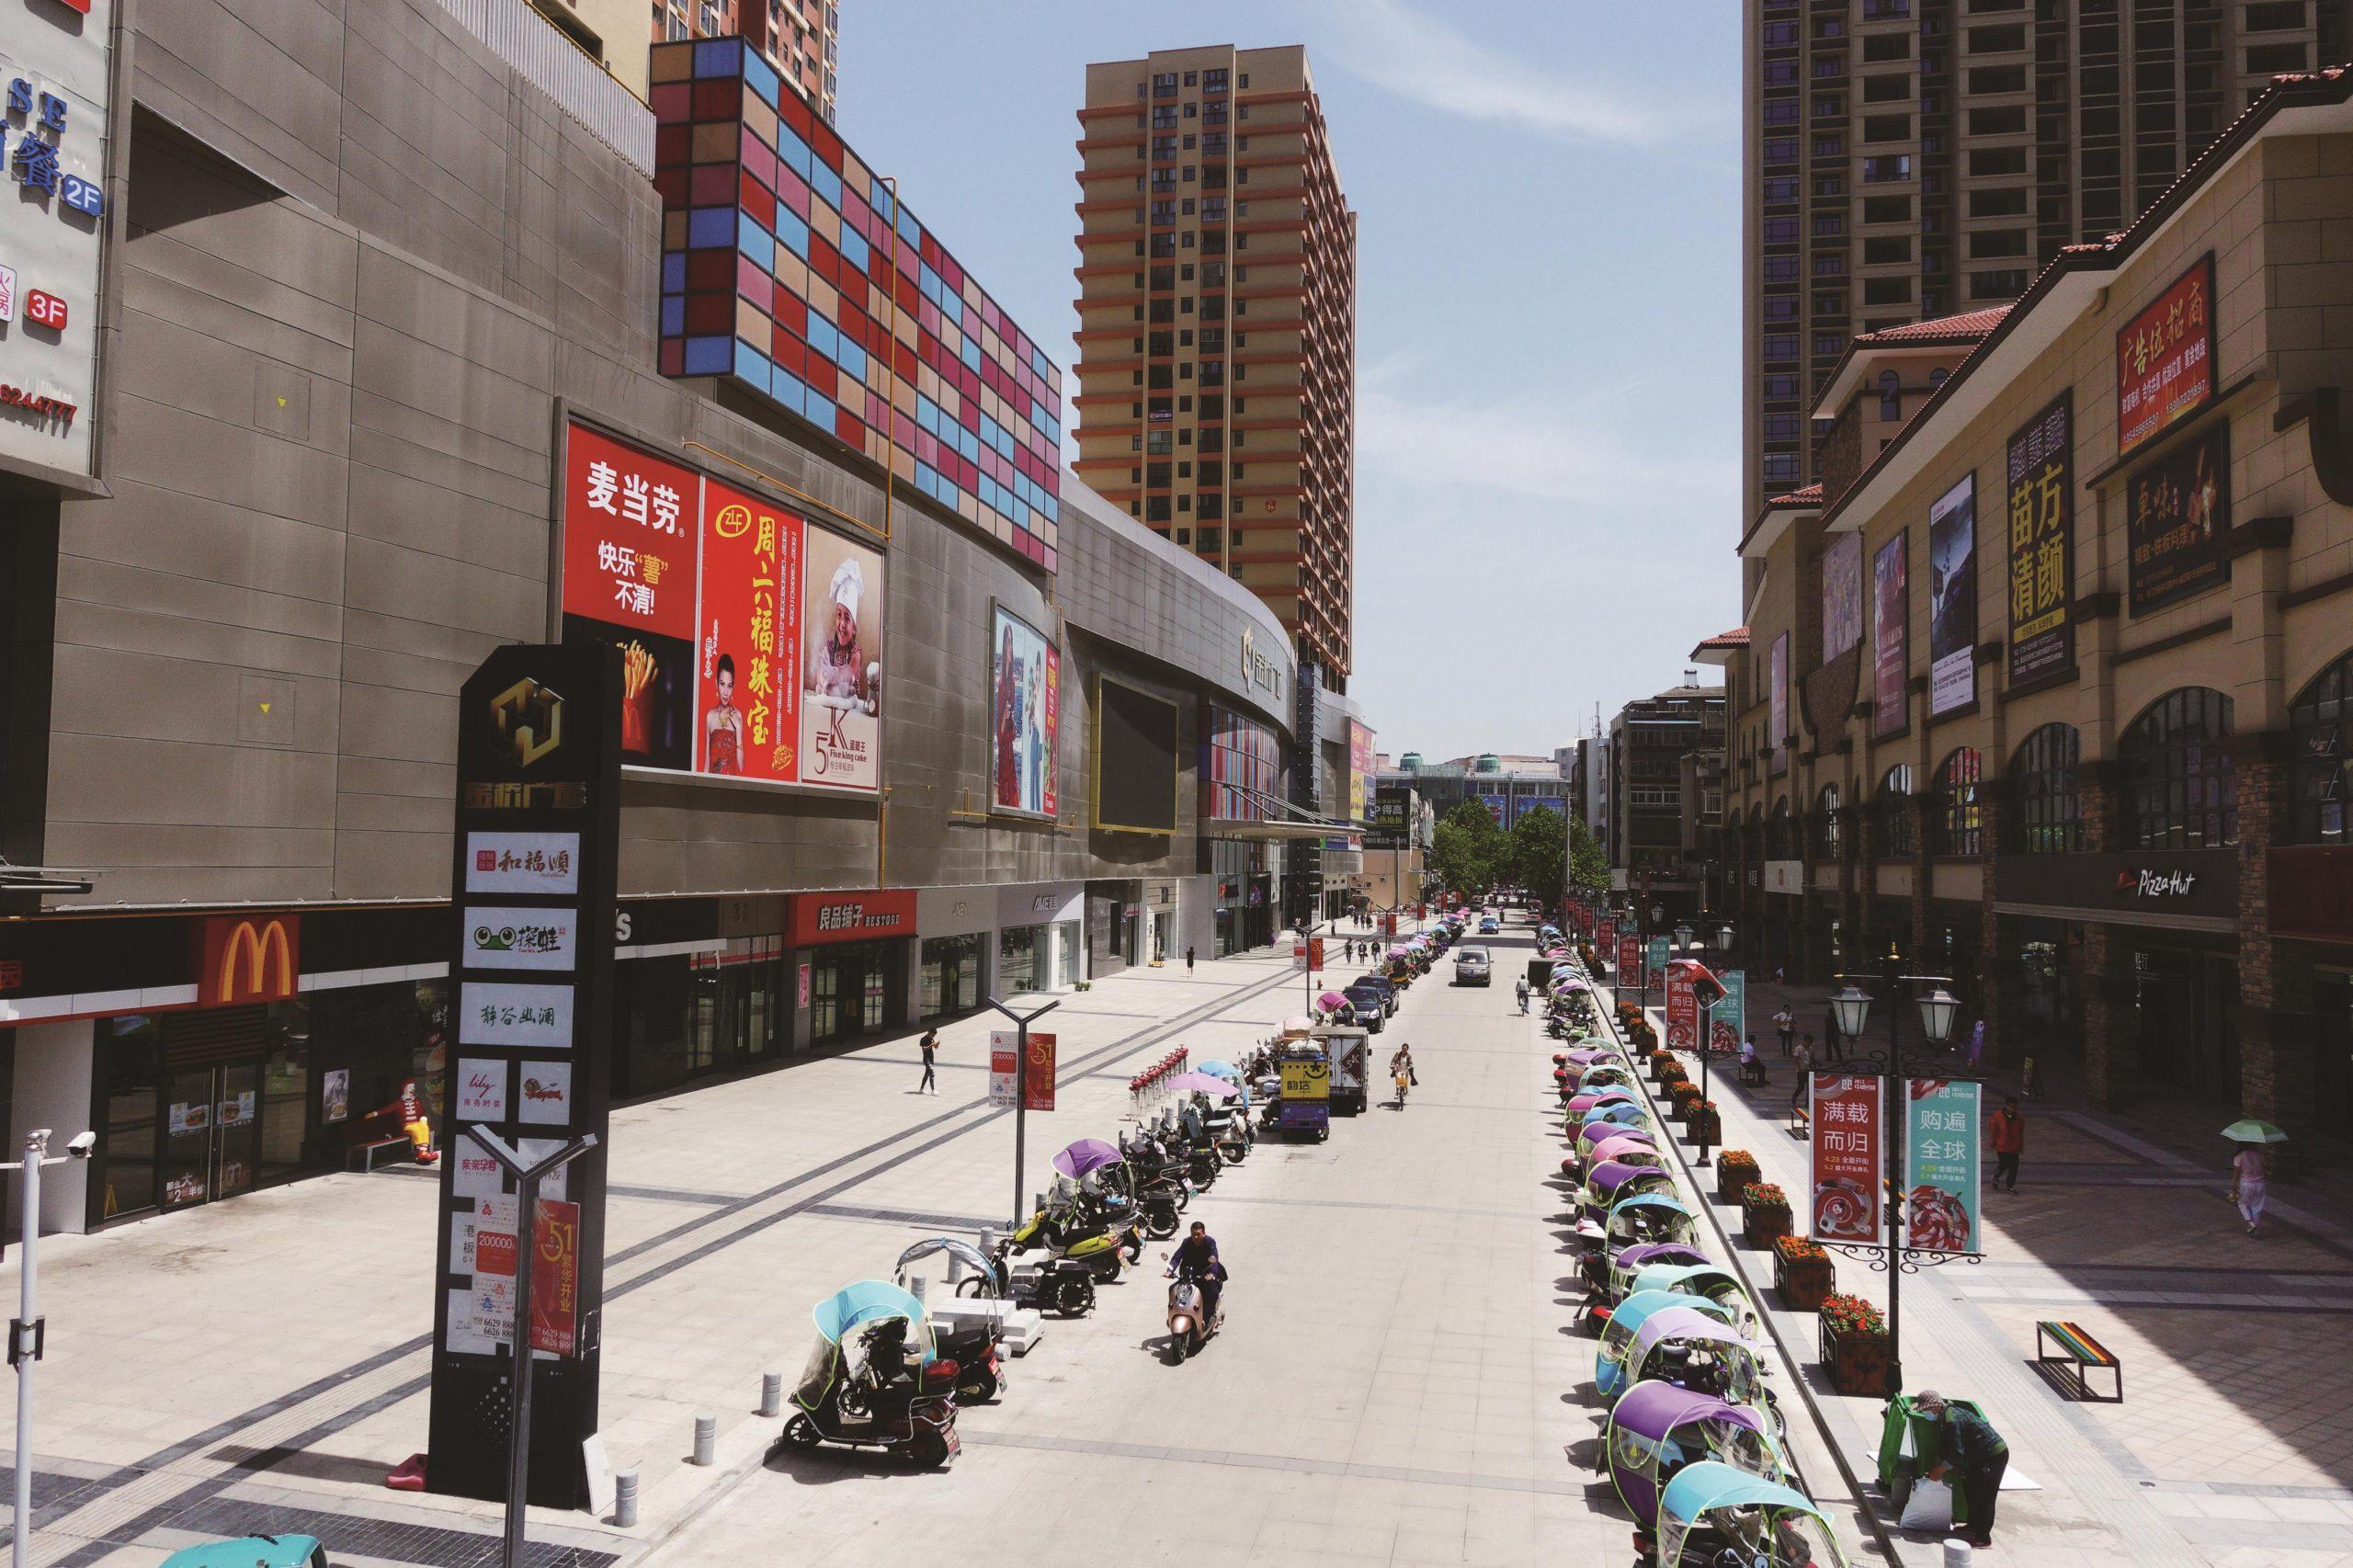 潜江市园林北路街道改造工程